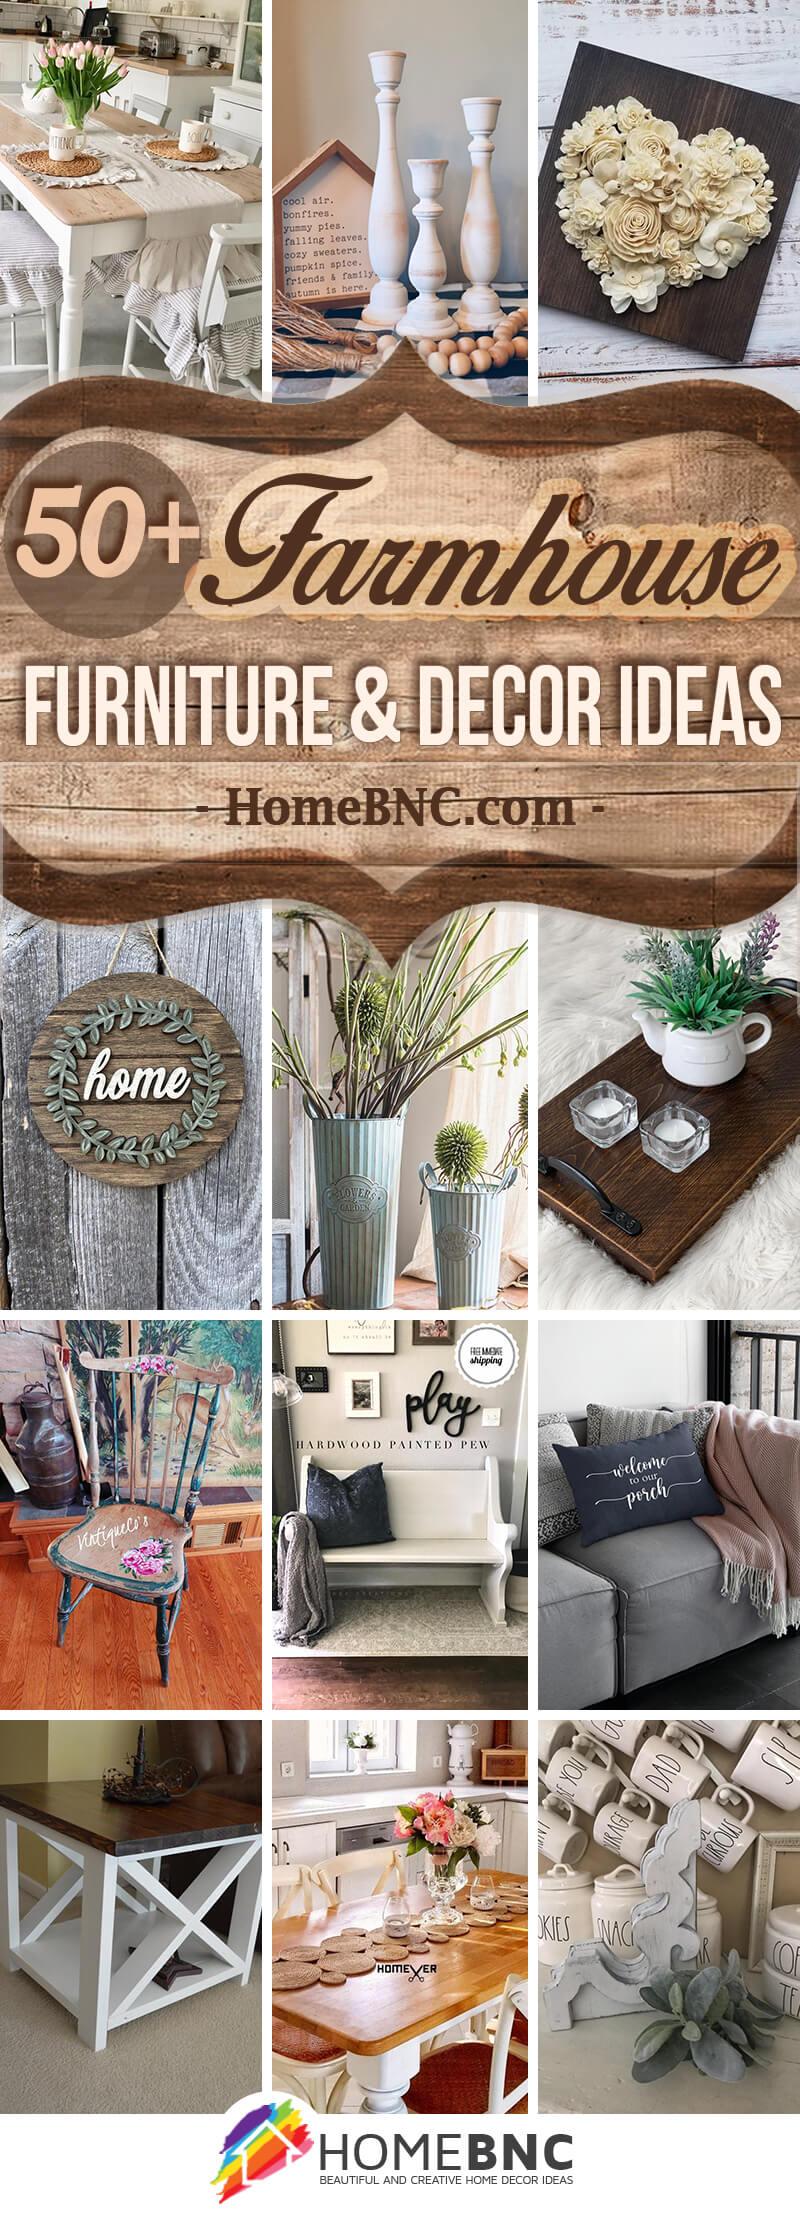 Farmhouse Furniture and Decor Ideas